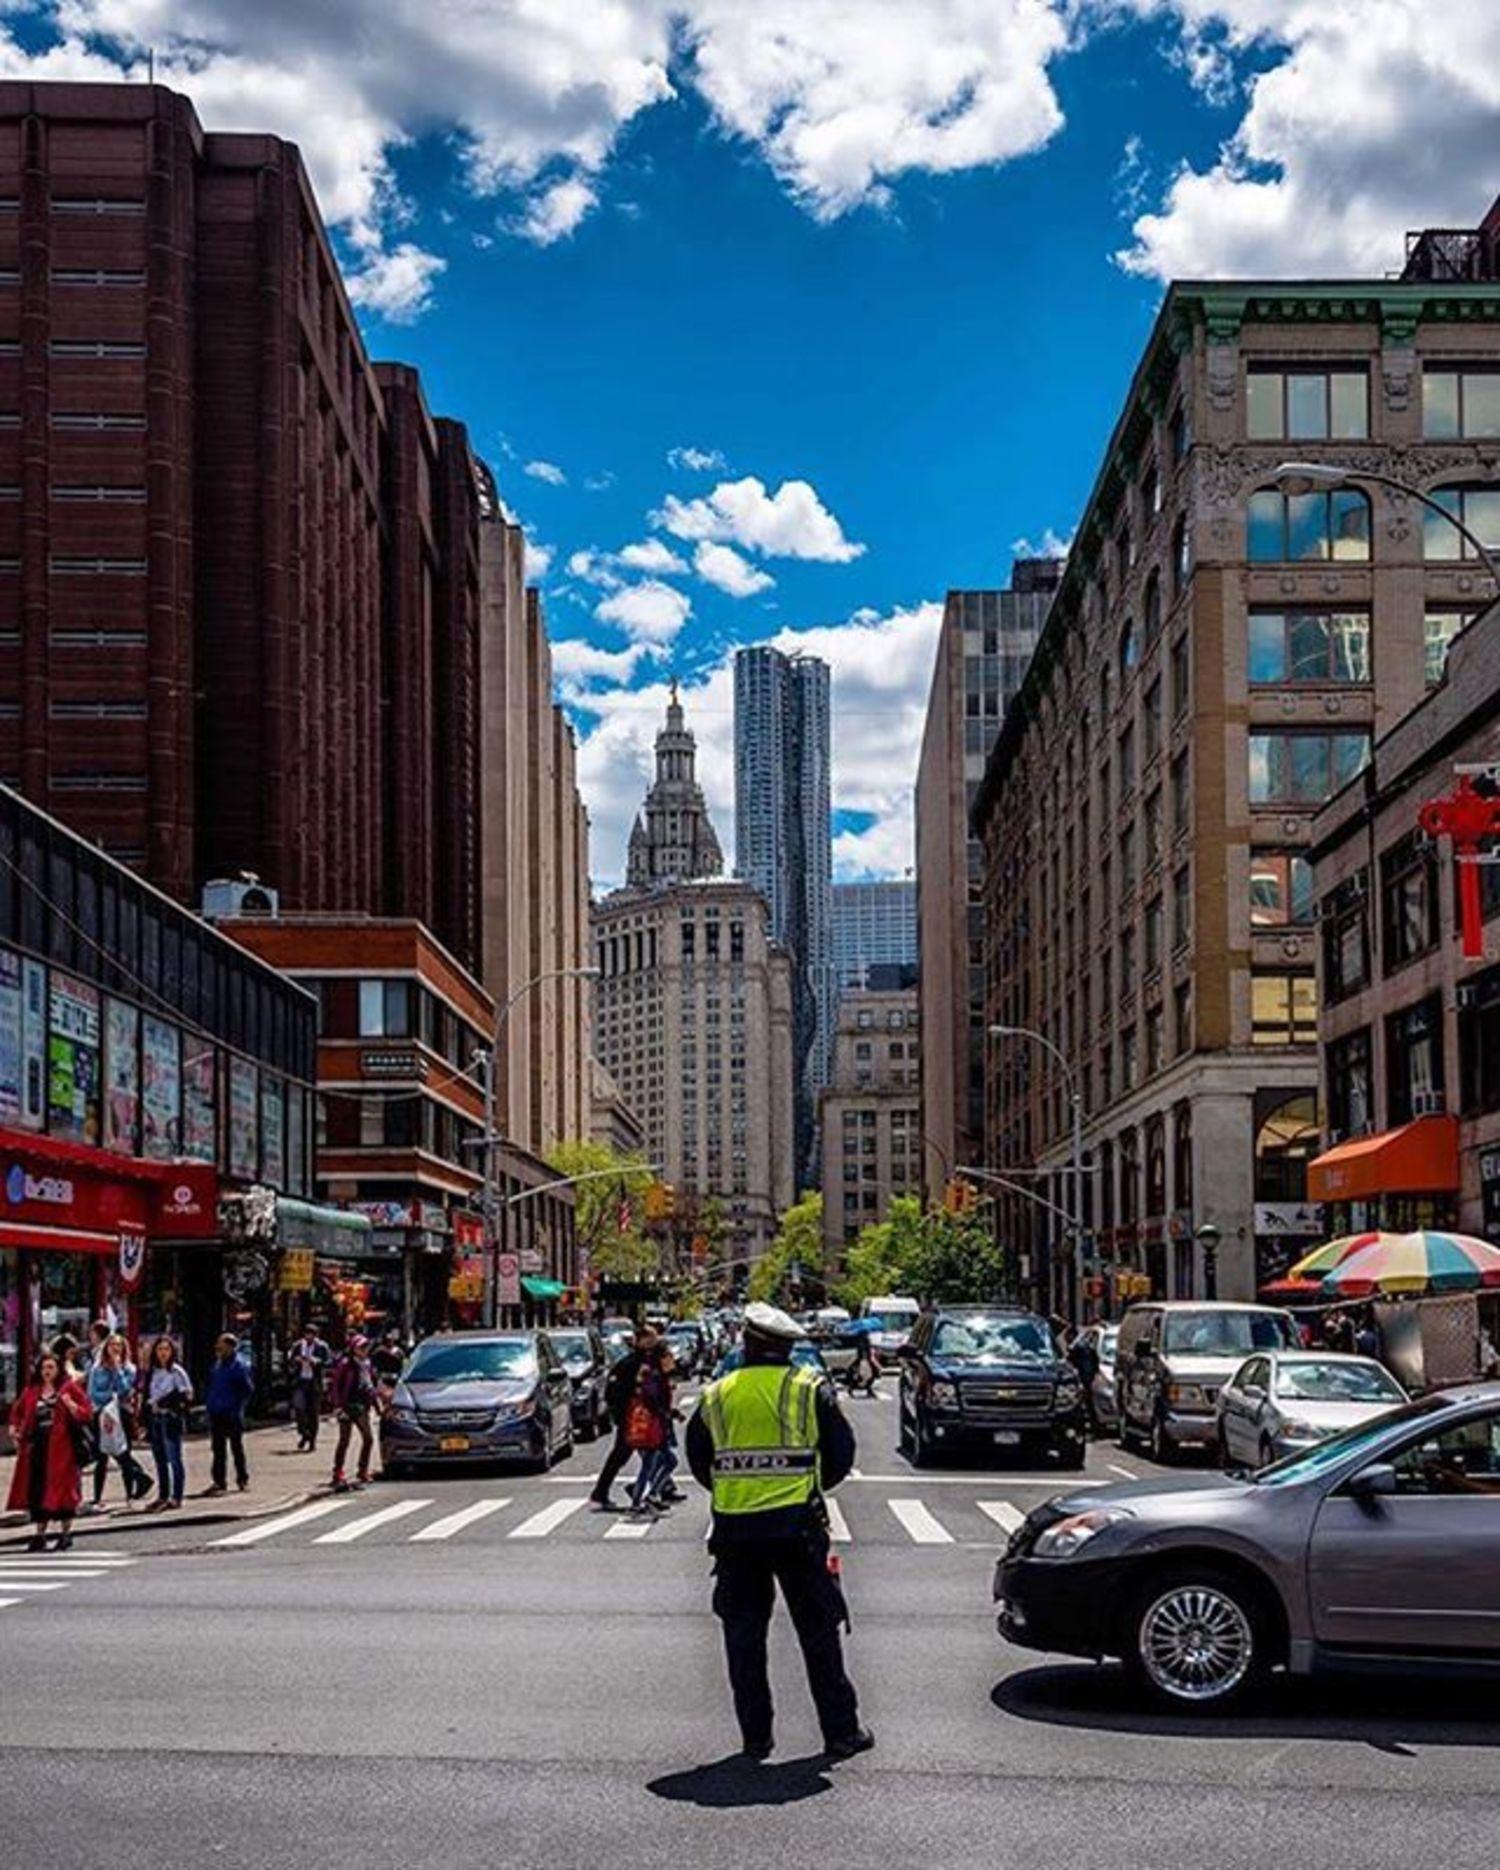 New York, New York. Photo via @kylenowinski_photos #viewingnyc